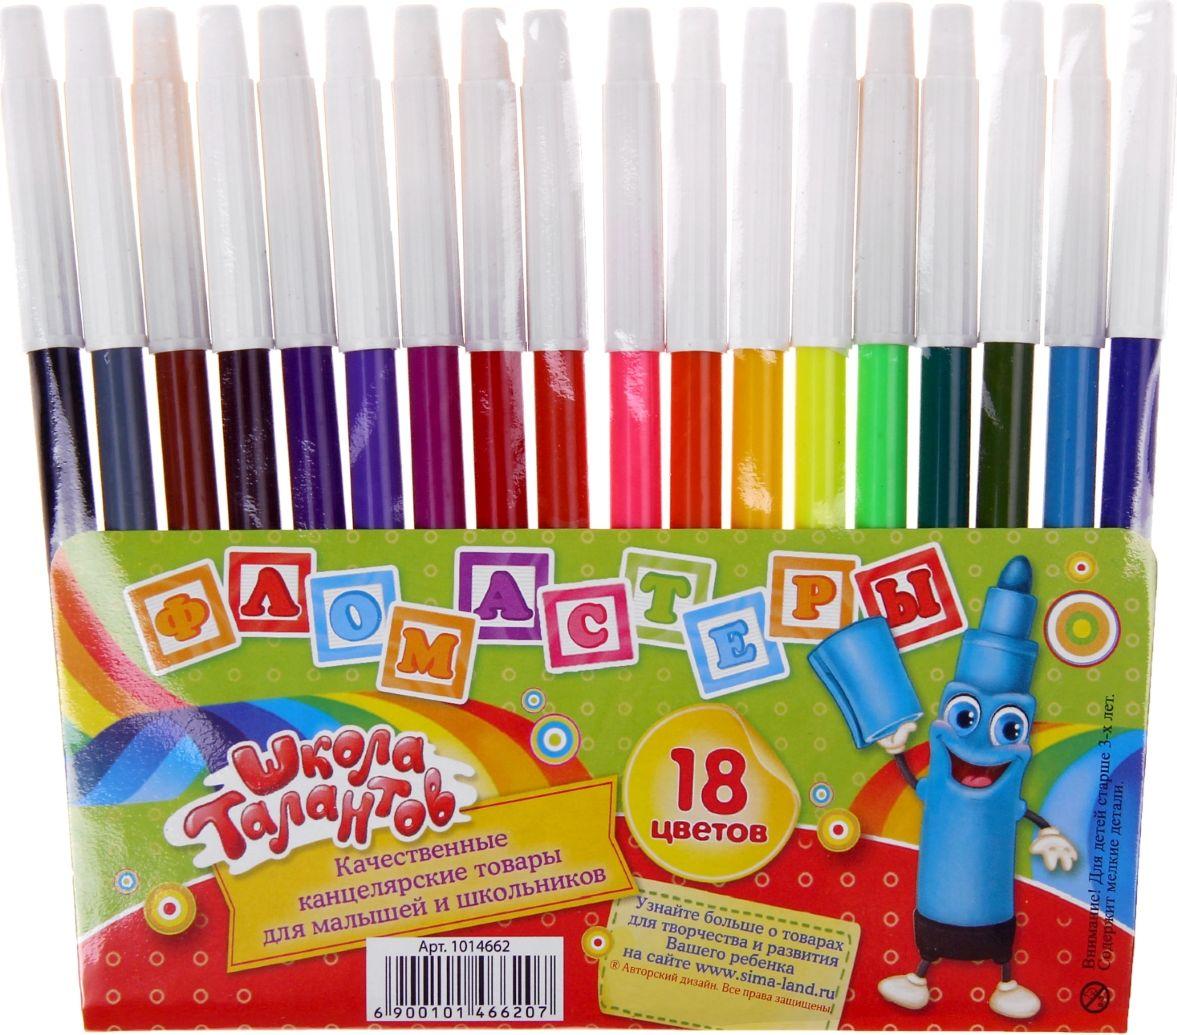 Школа талантов Набор фломастеров 18 цветов1014662Набор фломастеров Школа талантов помогут маленькому художнику раскрыть свой творческий потенциал, рисовать и раскрашивать яркие картинки, развивая воображение, мелкую моторику и цветовосприятие. Пластиковый корпус и вентилируемый колпачок предохраняют чернила от преждевременного высыхания, что гарантирует длительный срок службы.